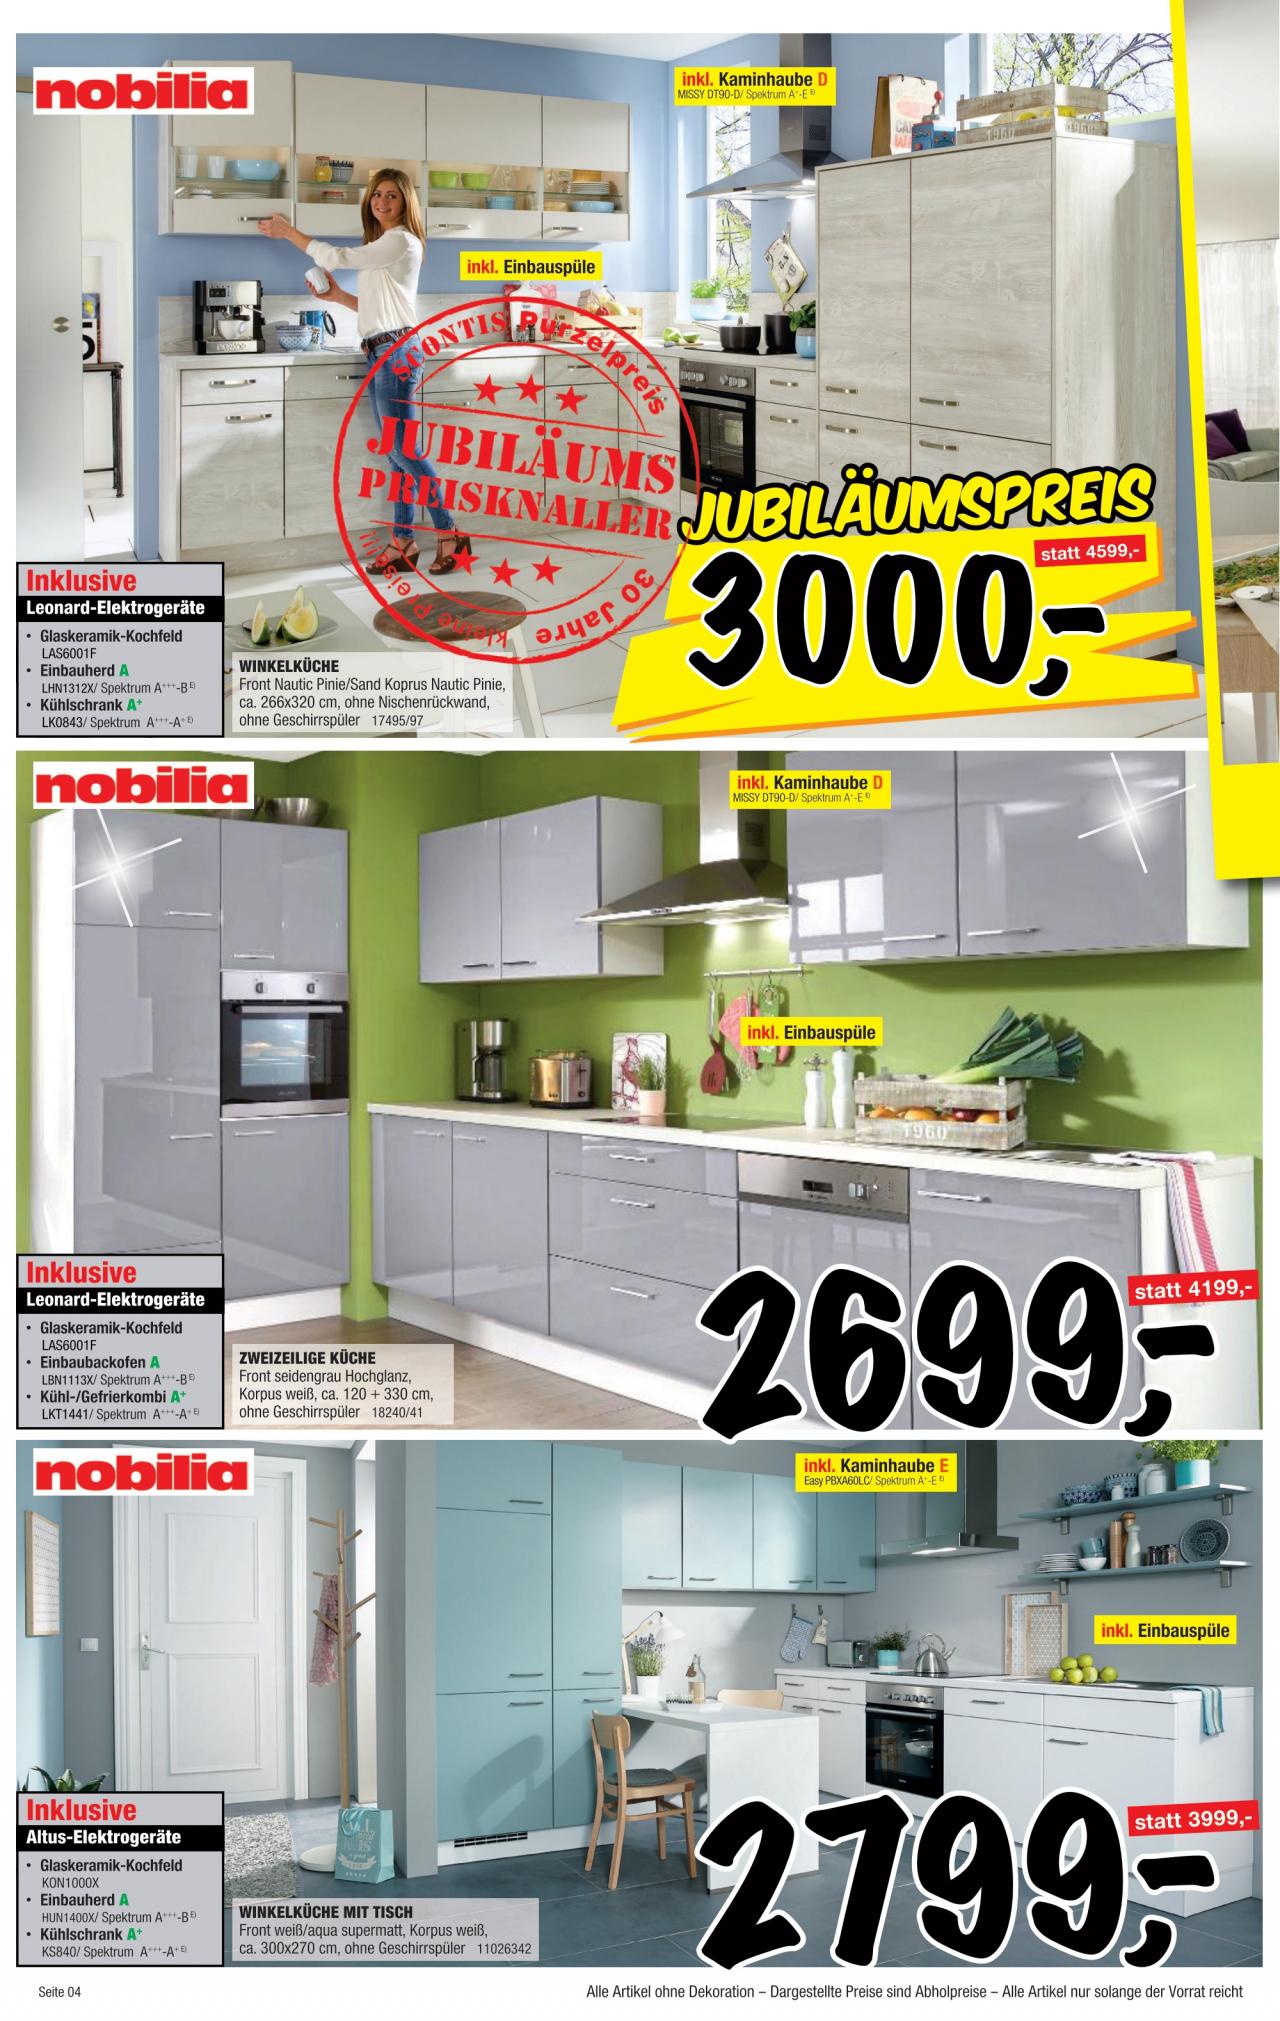 Full Size of Sconto Küchen Angebot Vom 25 02 2020 Kupinode Regal Wohnzimmer Sconto Küchen